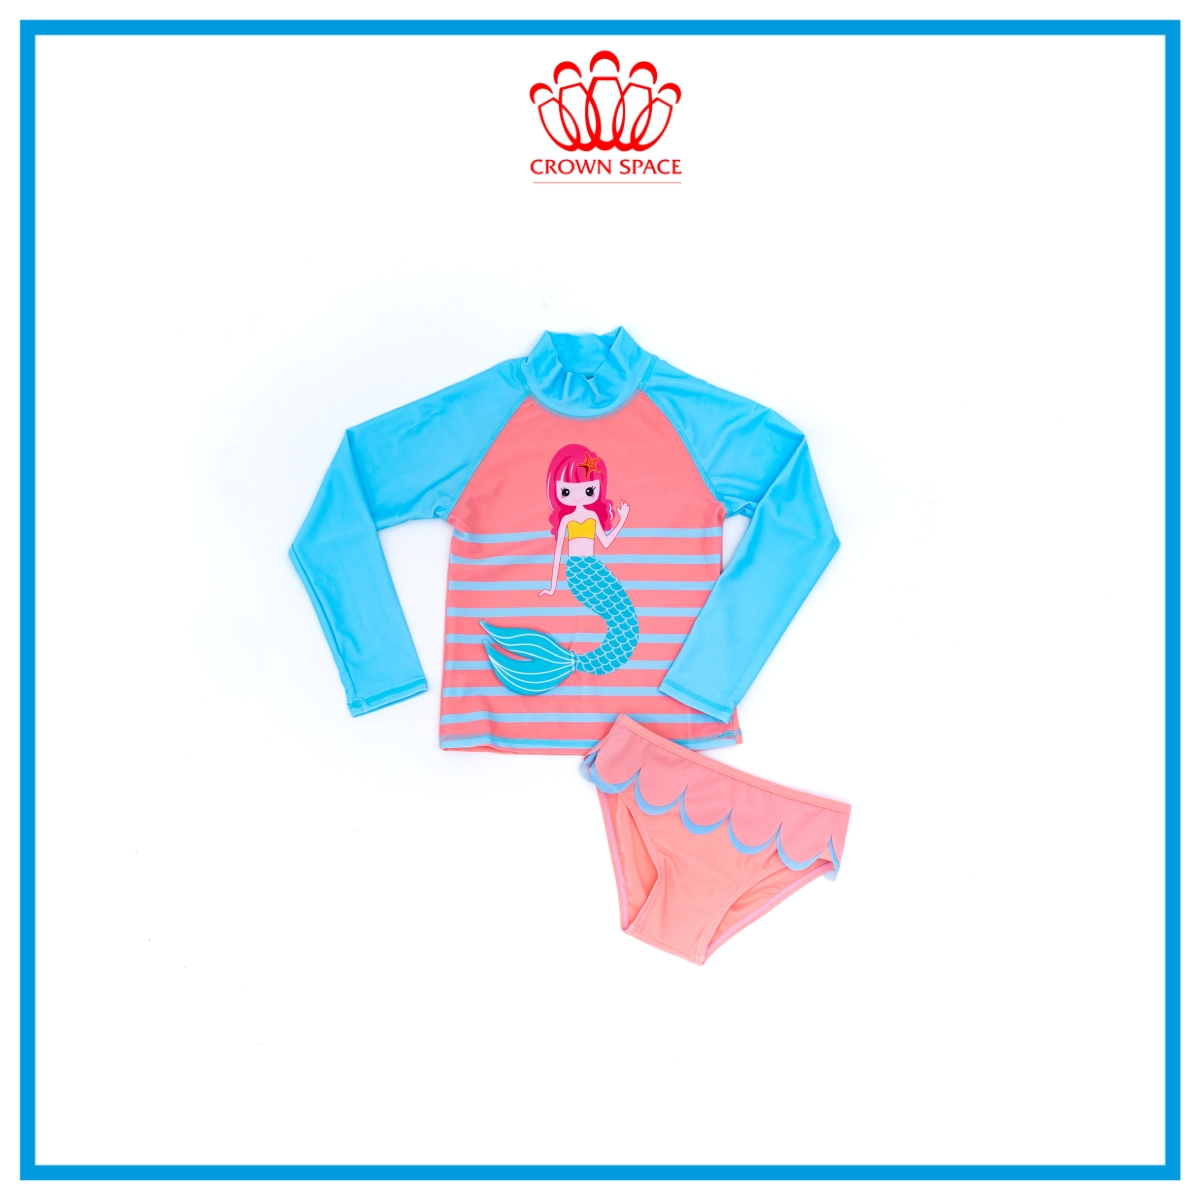 Đồ Bơi Trẻ Em Dành Cho Bé Gái Crown Space CKGS7110613